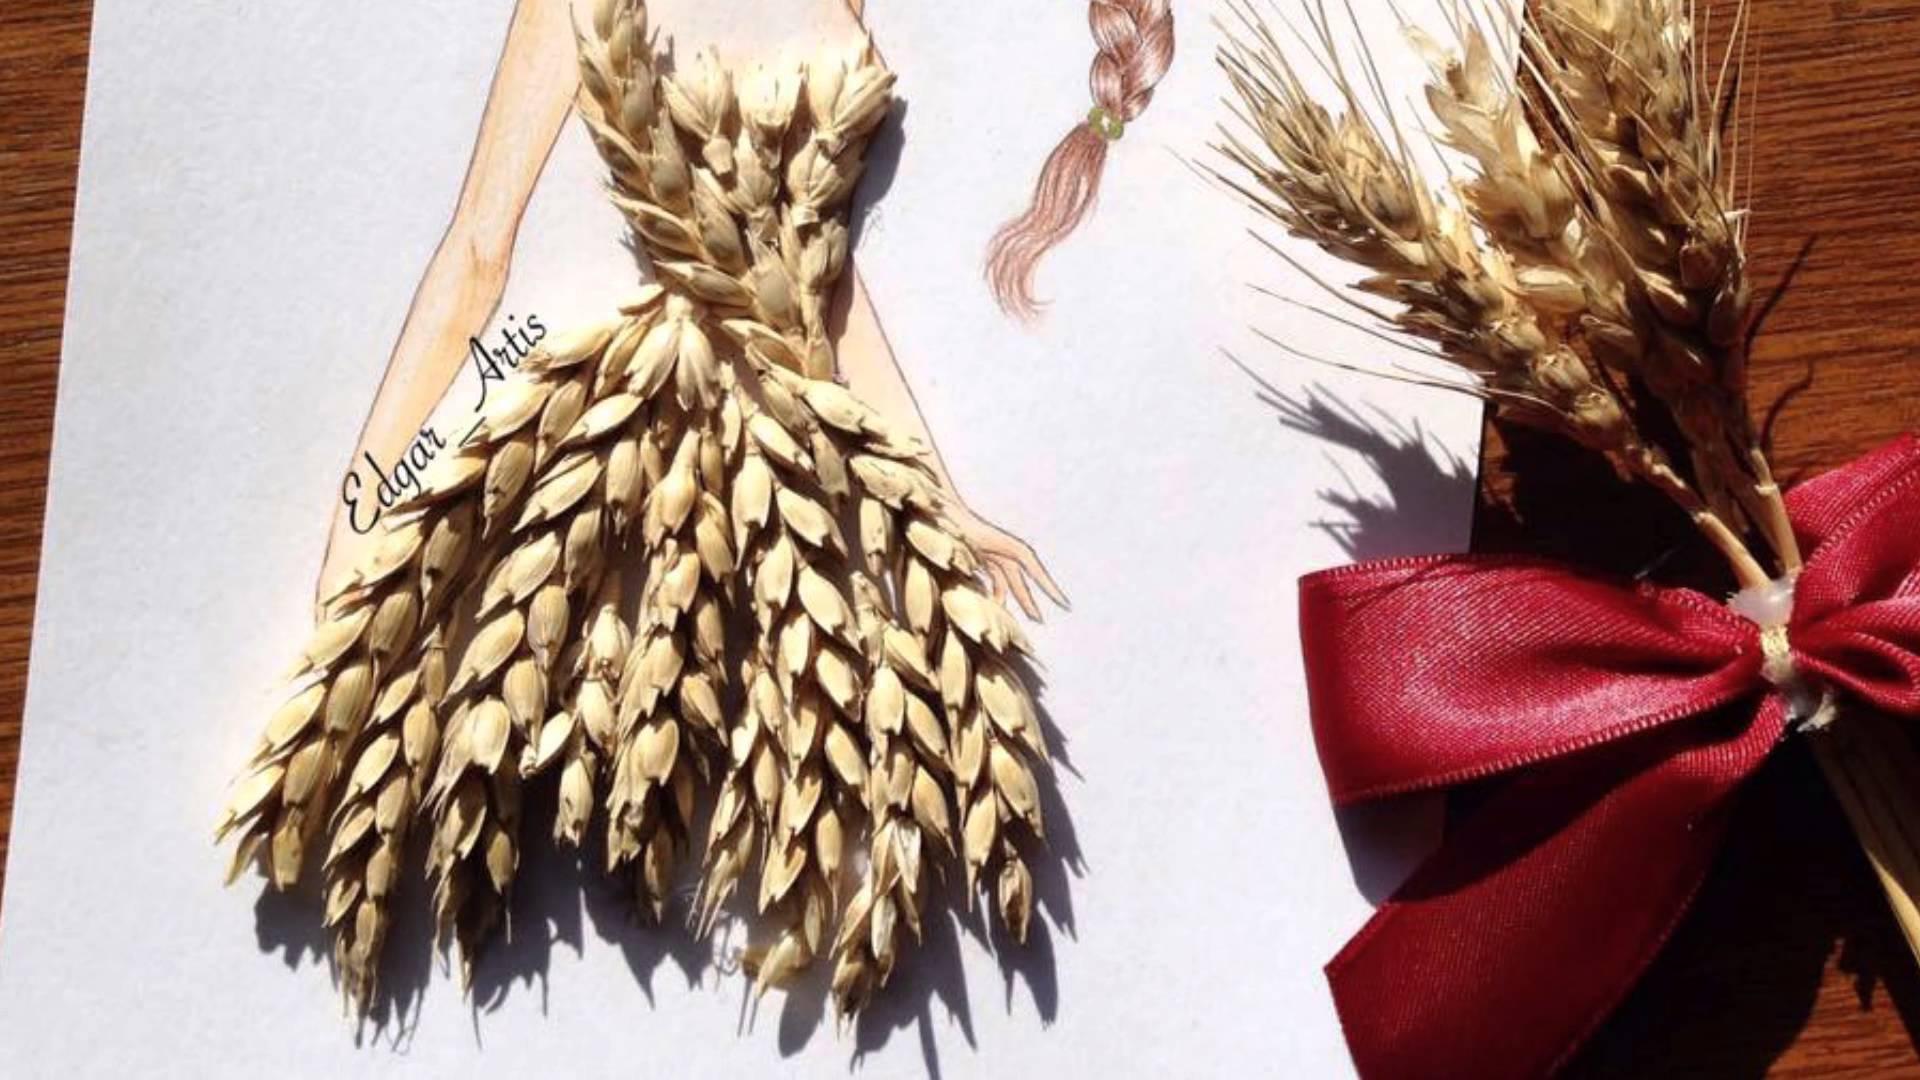 Il cibo diventa moda con le illustrazioni degli abiti di Edgar Artis